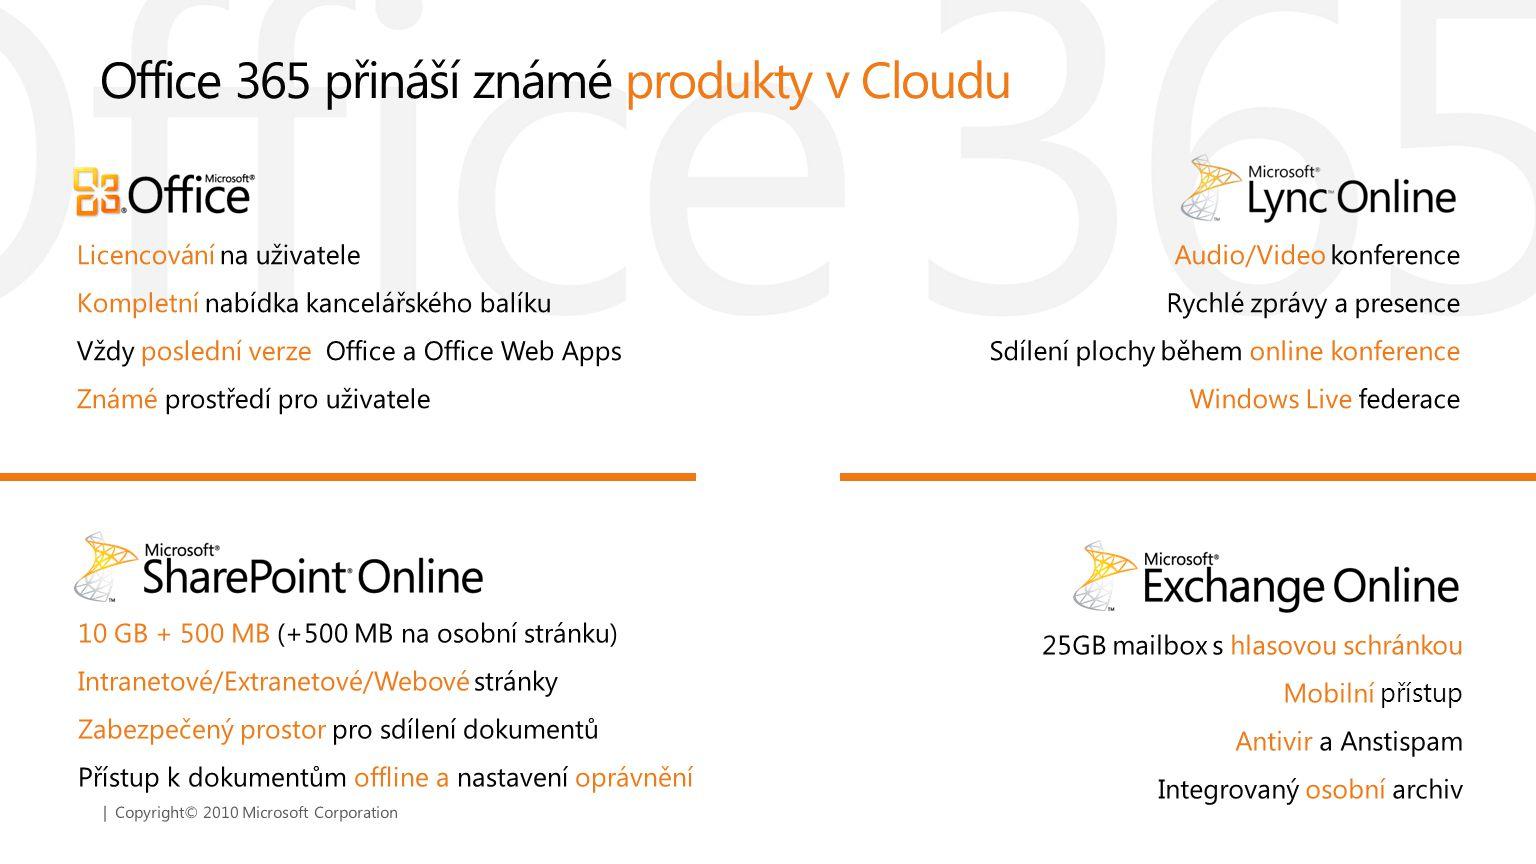 | Copyright© 2010 Microsoft Corporation Office 365 přináší známé produkty v Cloudu Licencování na uživatele Kompletní nabídka kancelářského balíku Vždy poslední verze Office a Office Web Apps Známé prostředí pro uživatele Audio/Video konference Rychlé zprávy a presence Sdílení plochy během online konference Windows Live federace 10 GB + 500 MB (+500 MB na osobní stránku) Intranetové/Extranetové/Webové stránky Zabezpečený prostor pro sdílení dokumentů Přístup k dokumentům offline a nastavení oprávnění 25GB mailbox s hlasovou schránkou Mobilní přístup Antivir a Anstispam Integrovaný osobní archiv